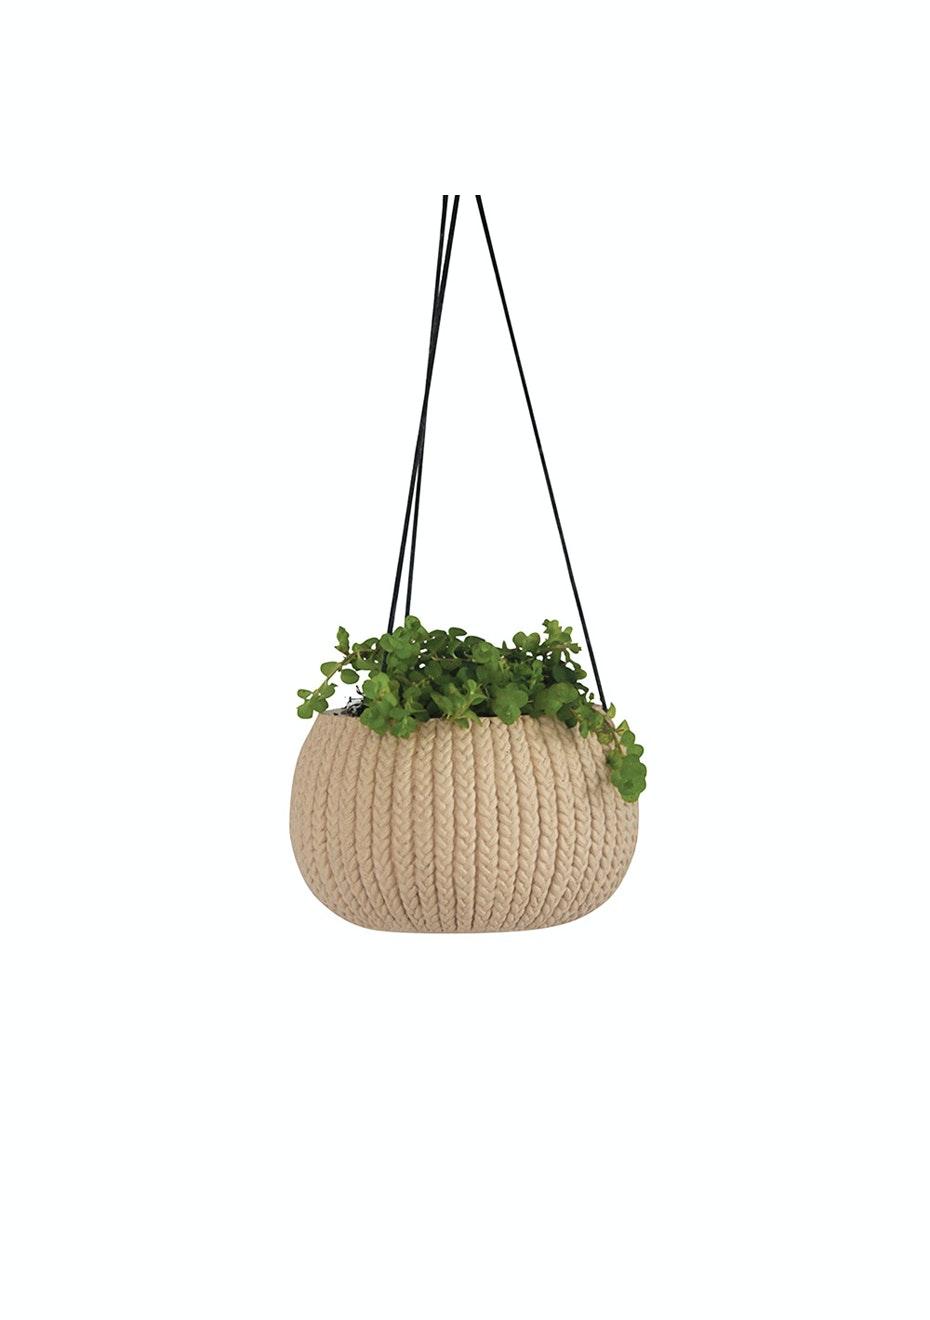 Me & My Trend - Blush Knit Hanging Basket